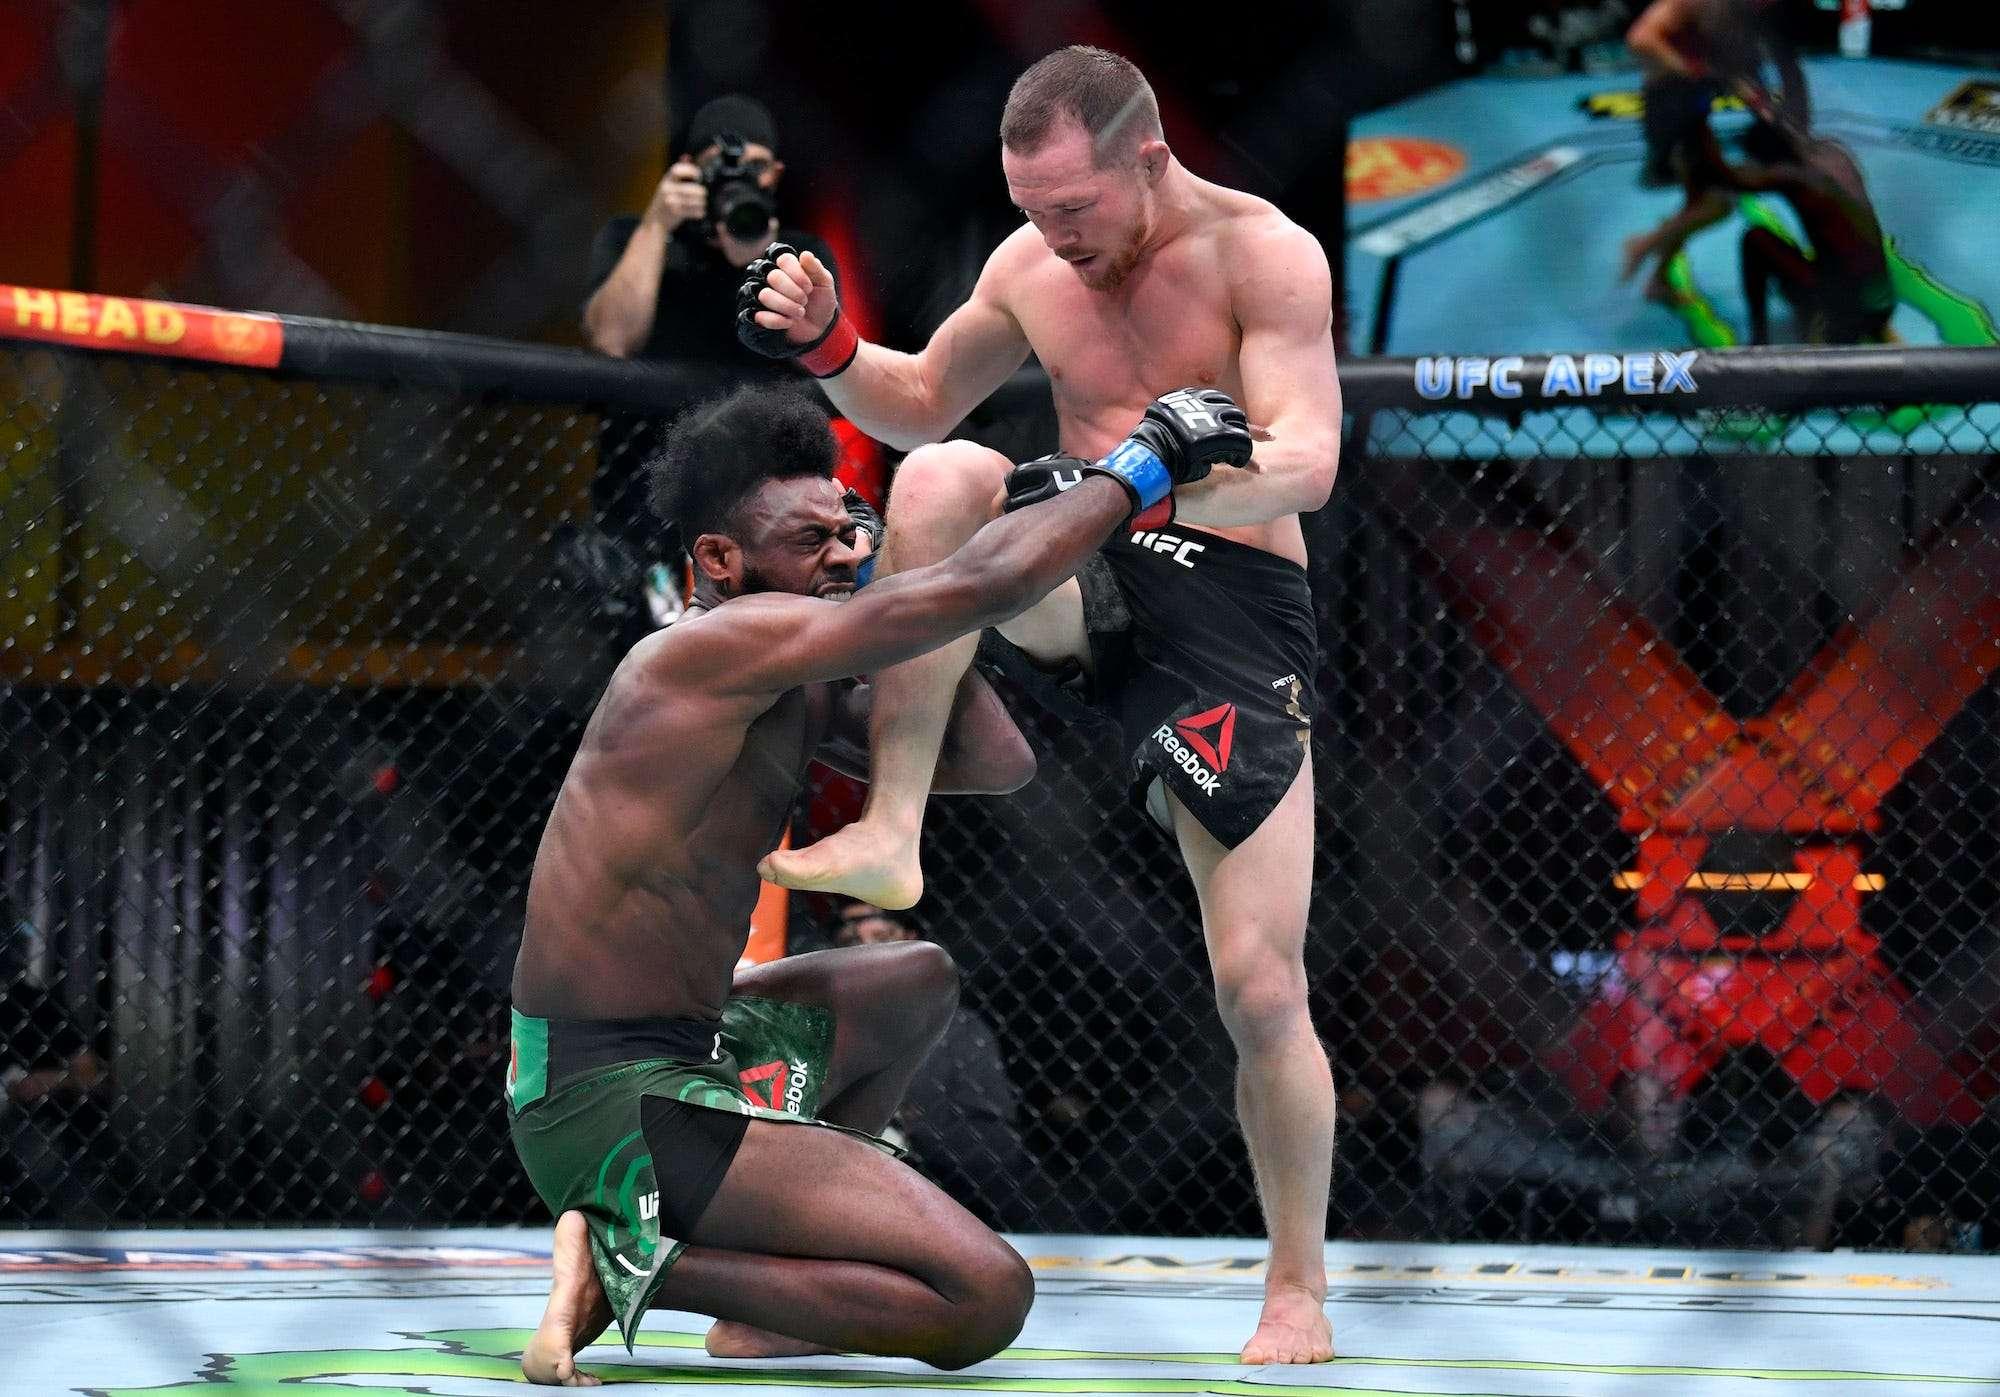 Американский боец выиграл матч UFC дисквалификацией из-за того, что его российский соперник незаконно ударил коленом